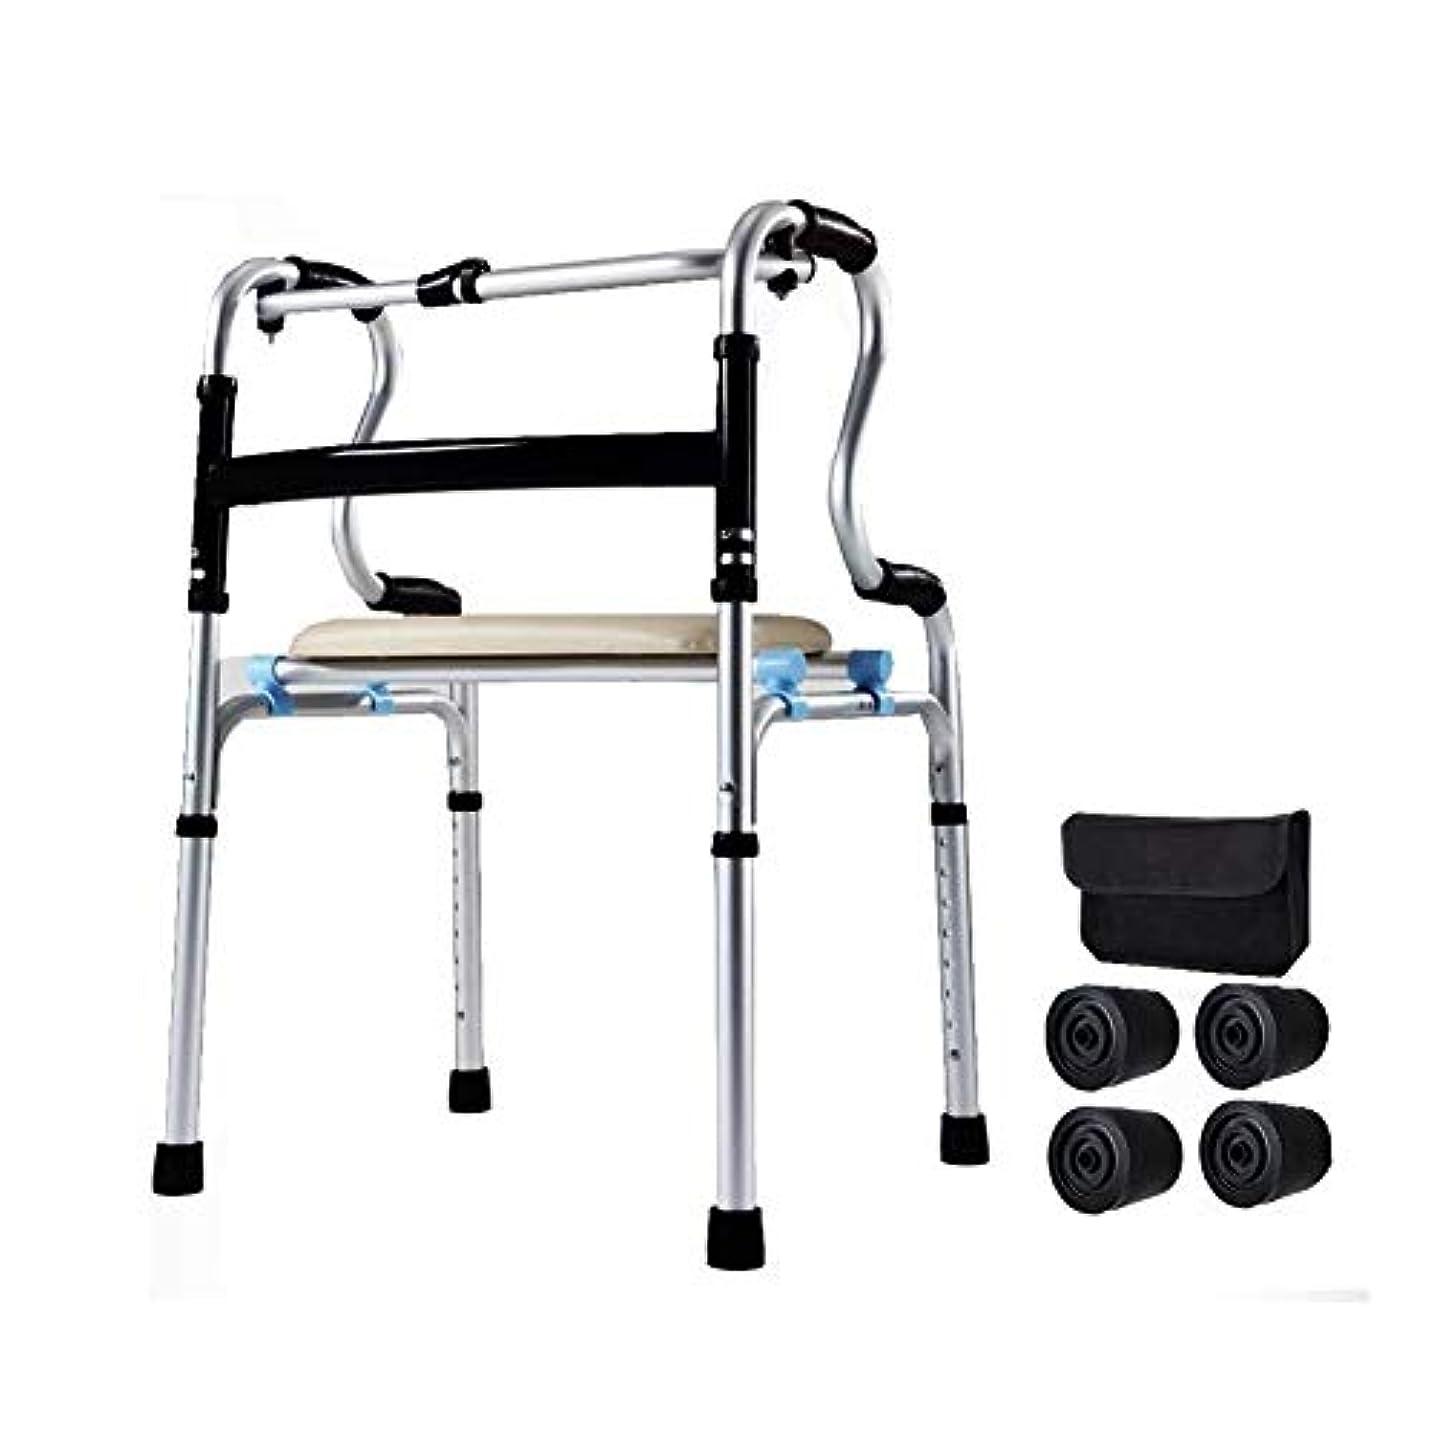 動員する翻訳者飢饉高齢者折り畳み式歩行器、肘掛けパッドと車輪で調整可能高齢者はスムーズで清掃が簡単+シート+バッグ